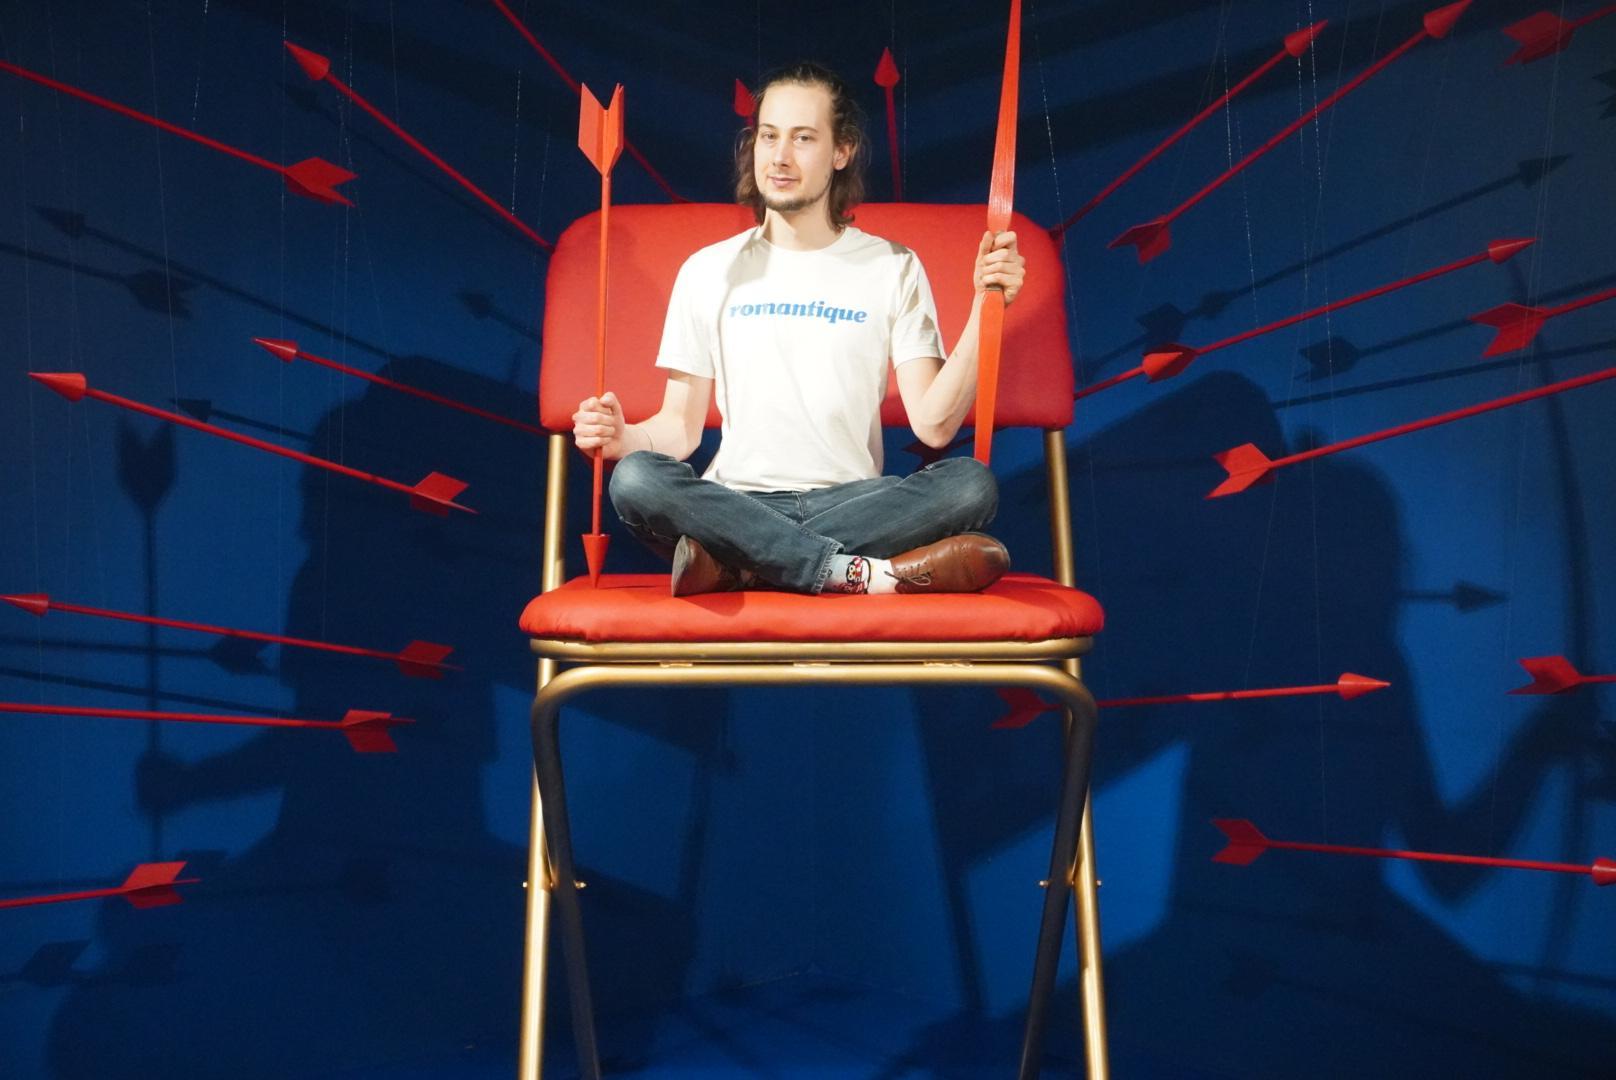 Auf dem Bild sieht man einen jungen Mann in weißen T-Shirt und Jeans in einer Bilderkulisse im Museum of Popcorn in Hamburg Hafencity. Im Bildzentrum steht ein übergroßer Klappstuhl in Rot und Silber, der junge Mann im Schneidersitz hält in der einen Hand einen roten Pfeil aus Holz und in der anderen Hand einen roten Bogen. Um ihn herum schweben viele rote Pfeile in der Luft vor dem blauen Hintergrund.